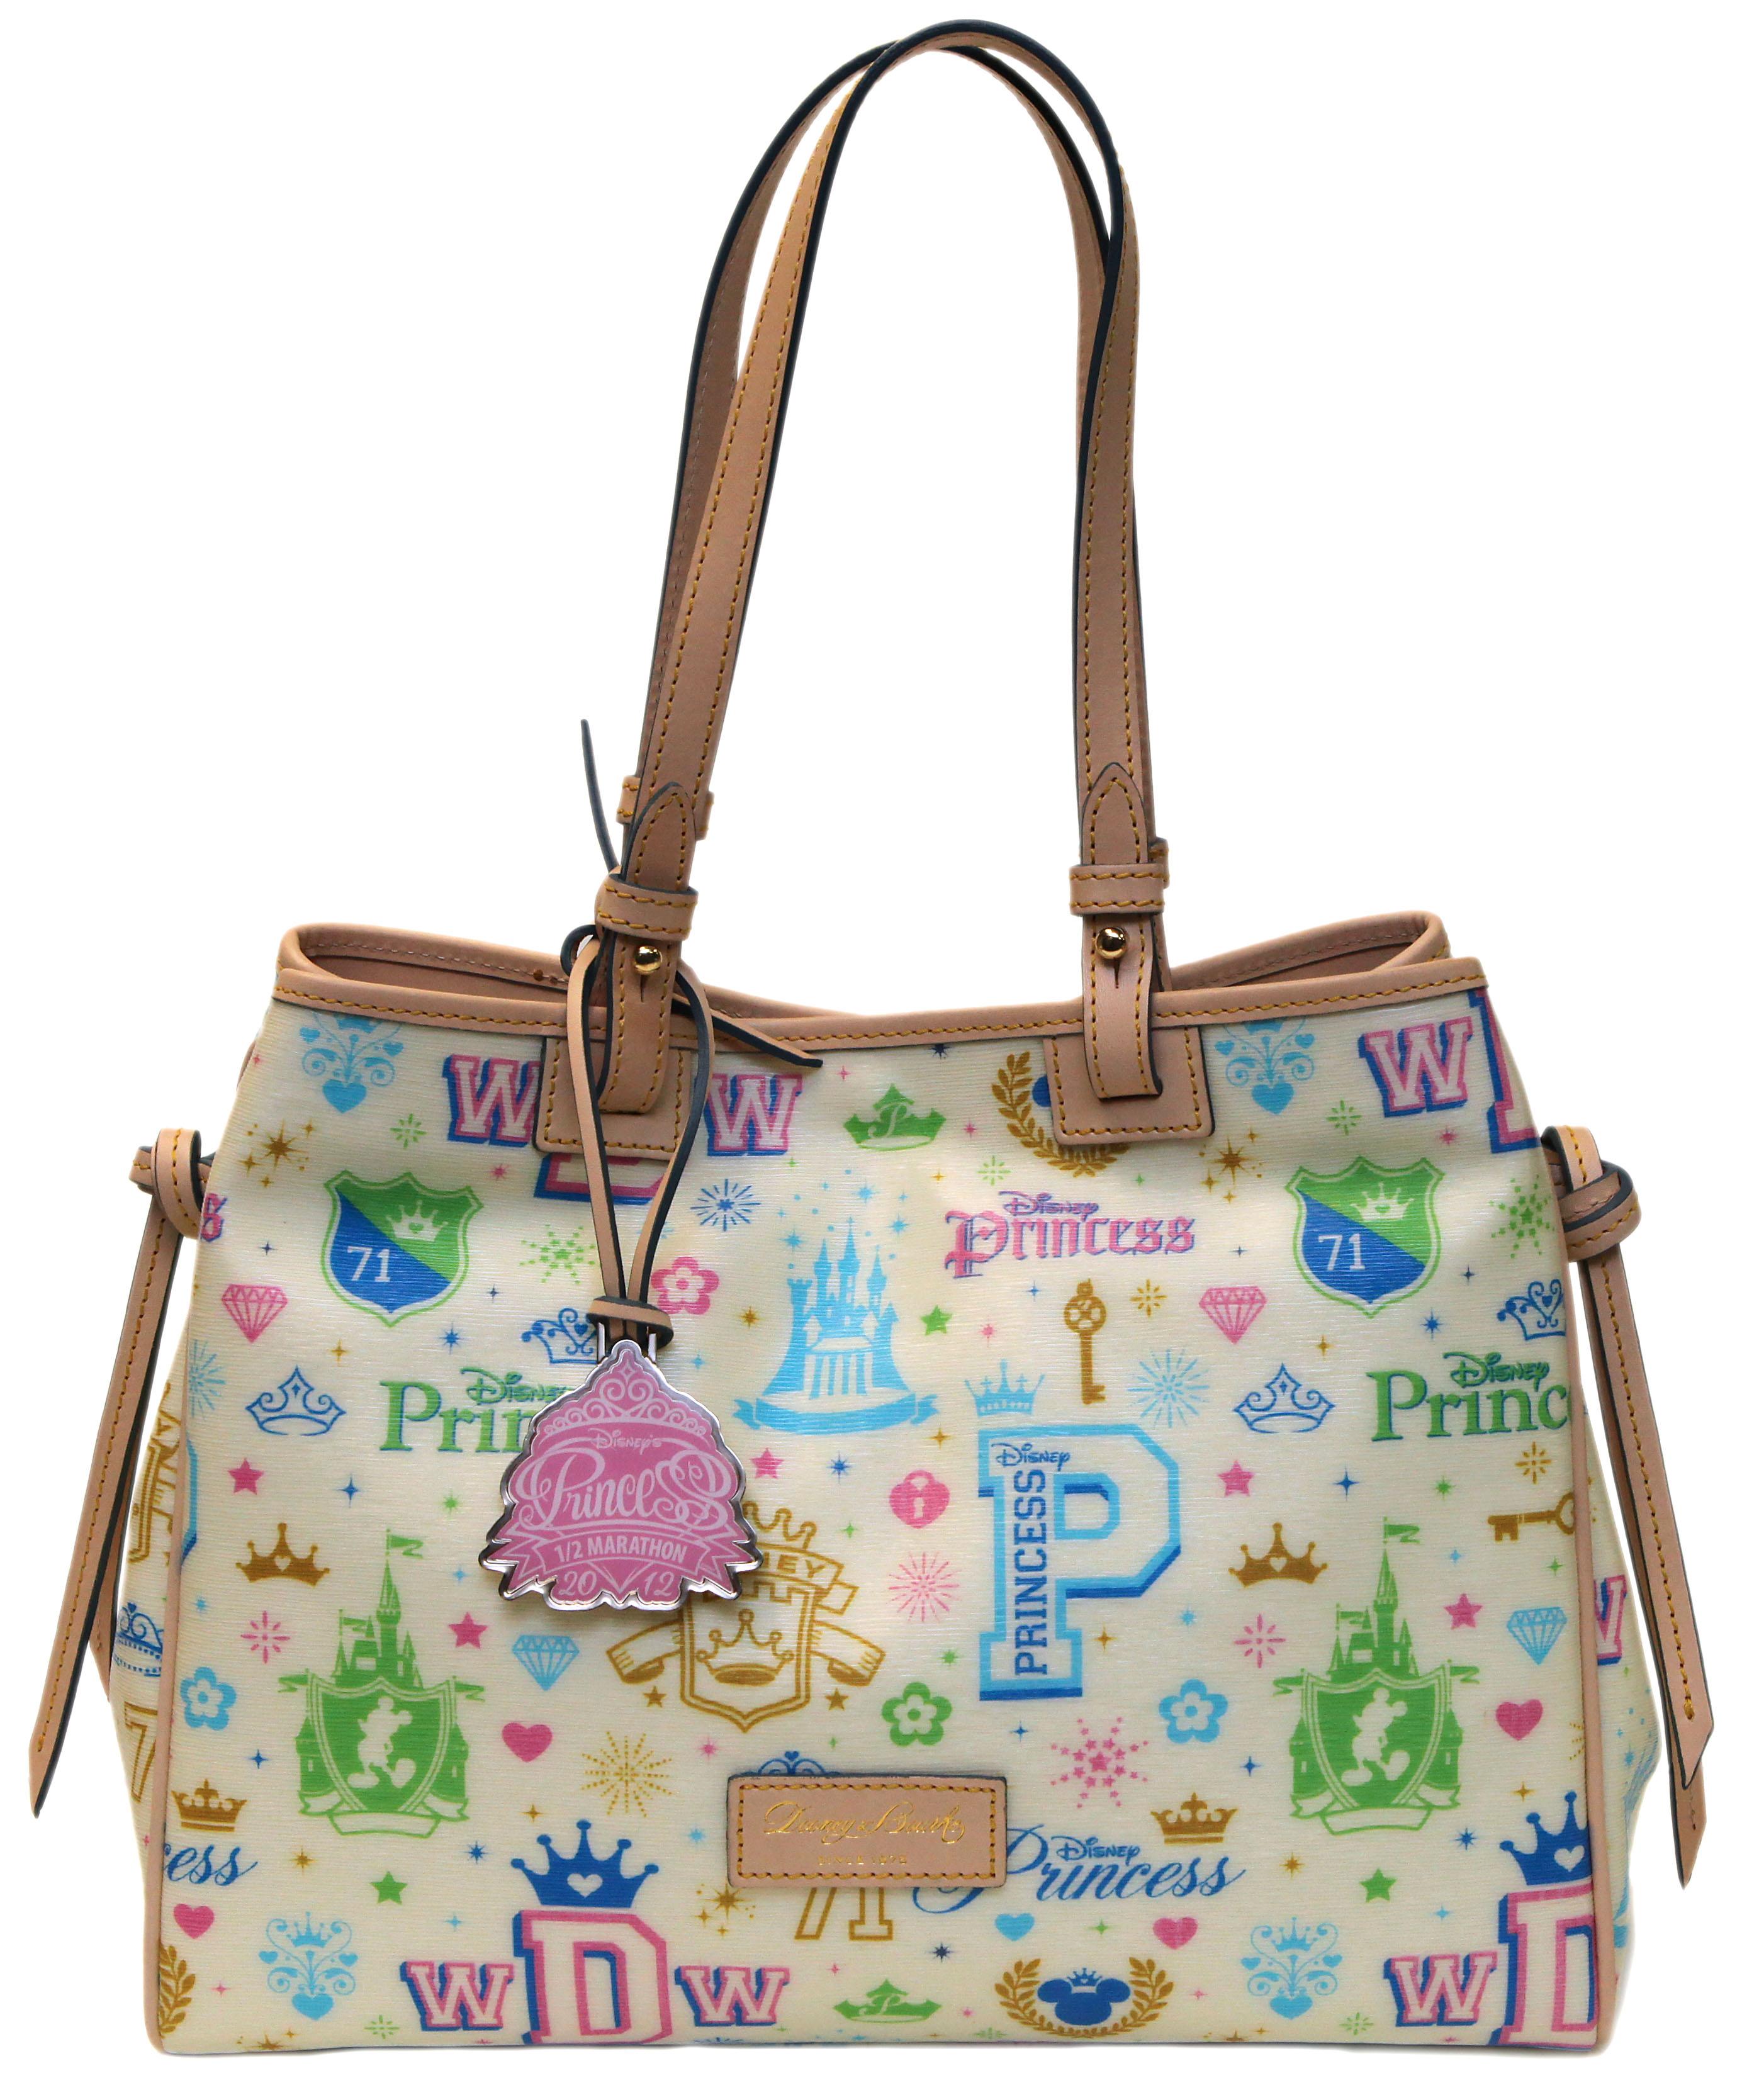 Handbags & Accessories: Dooney & Bourke Designer Handbags | Belk